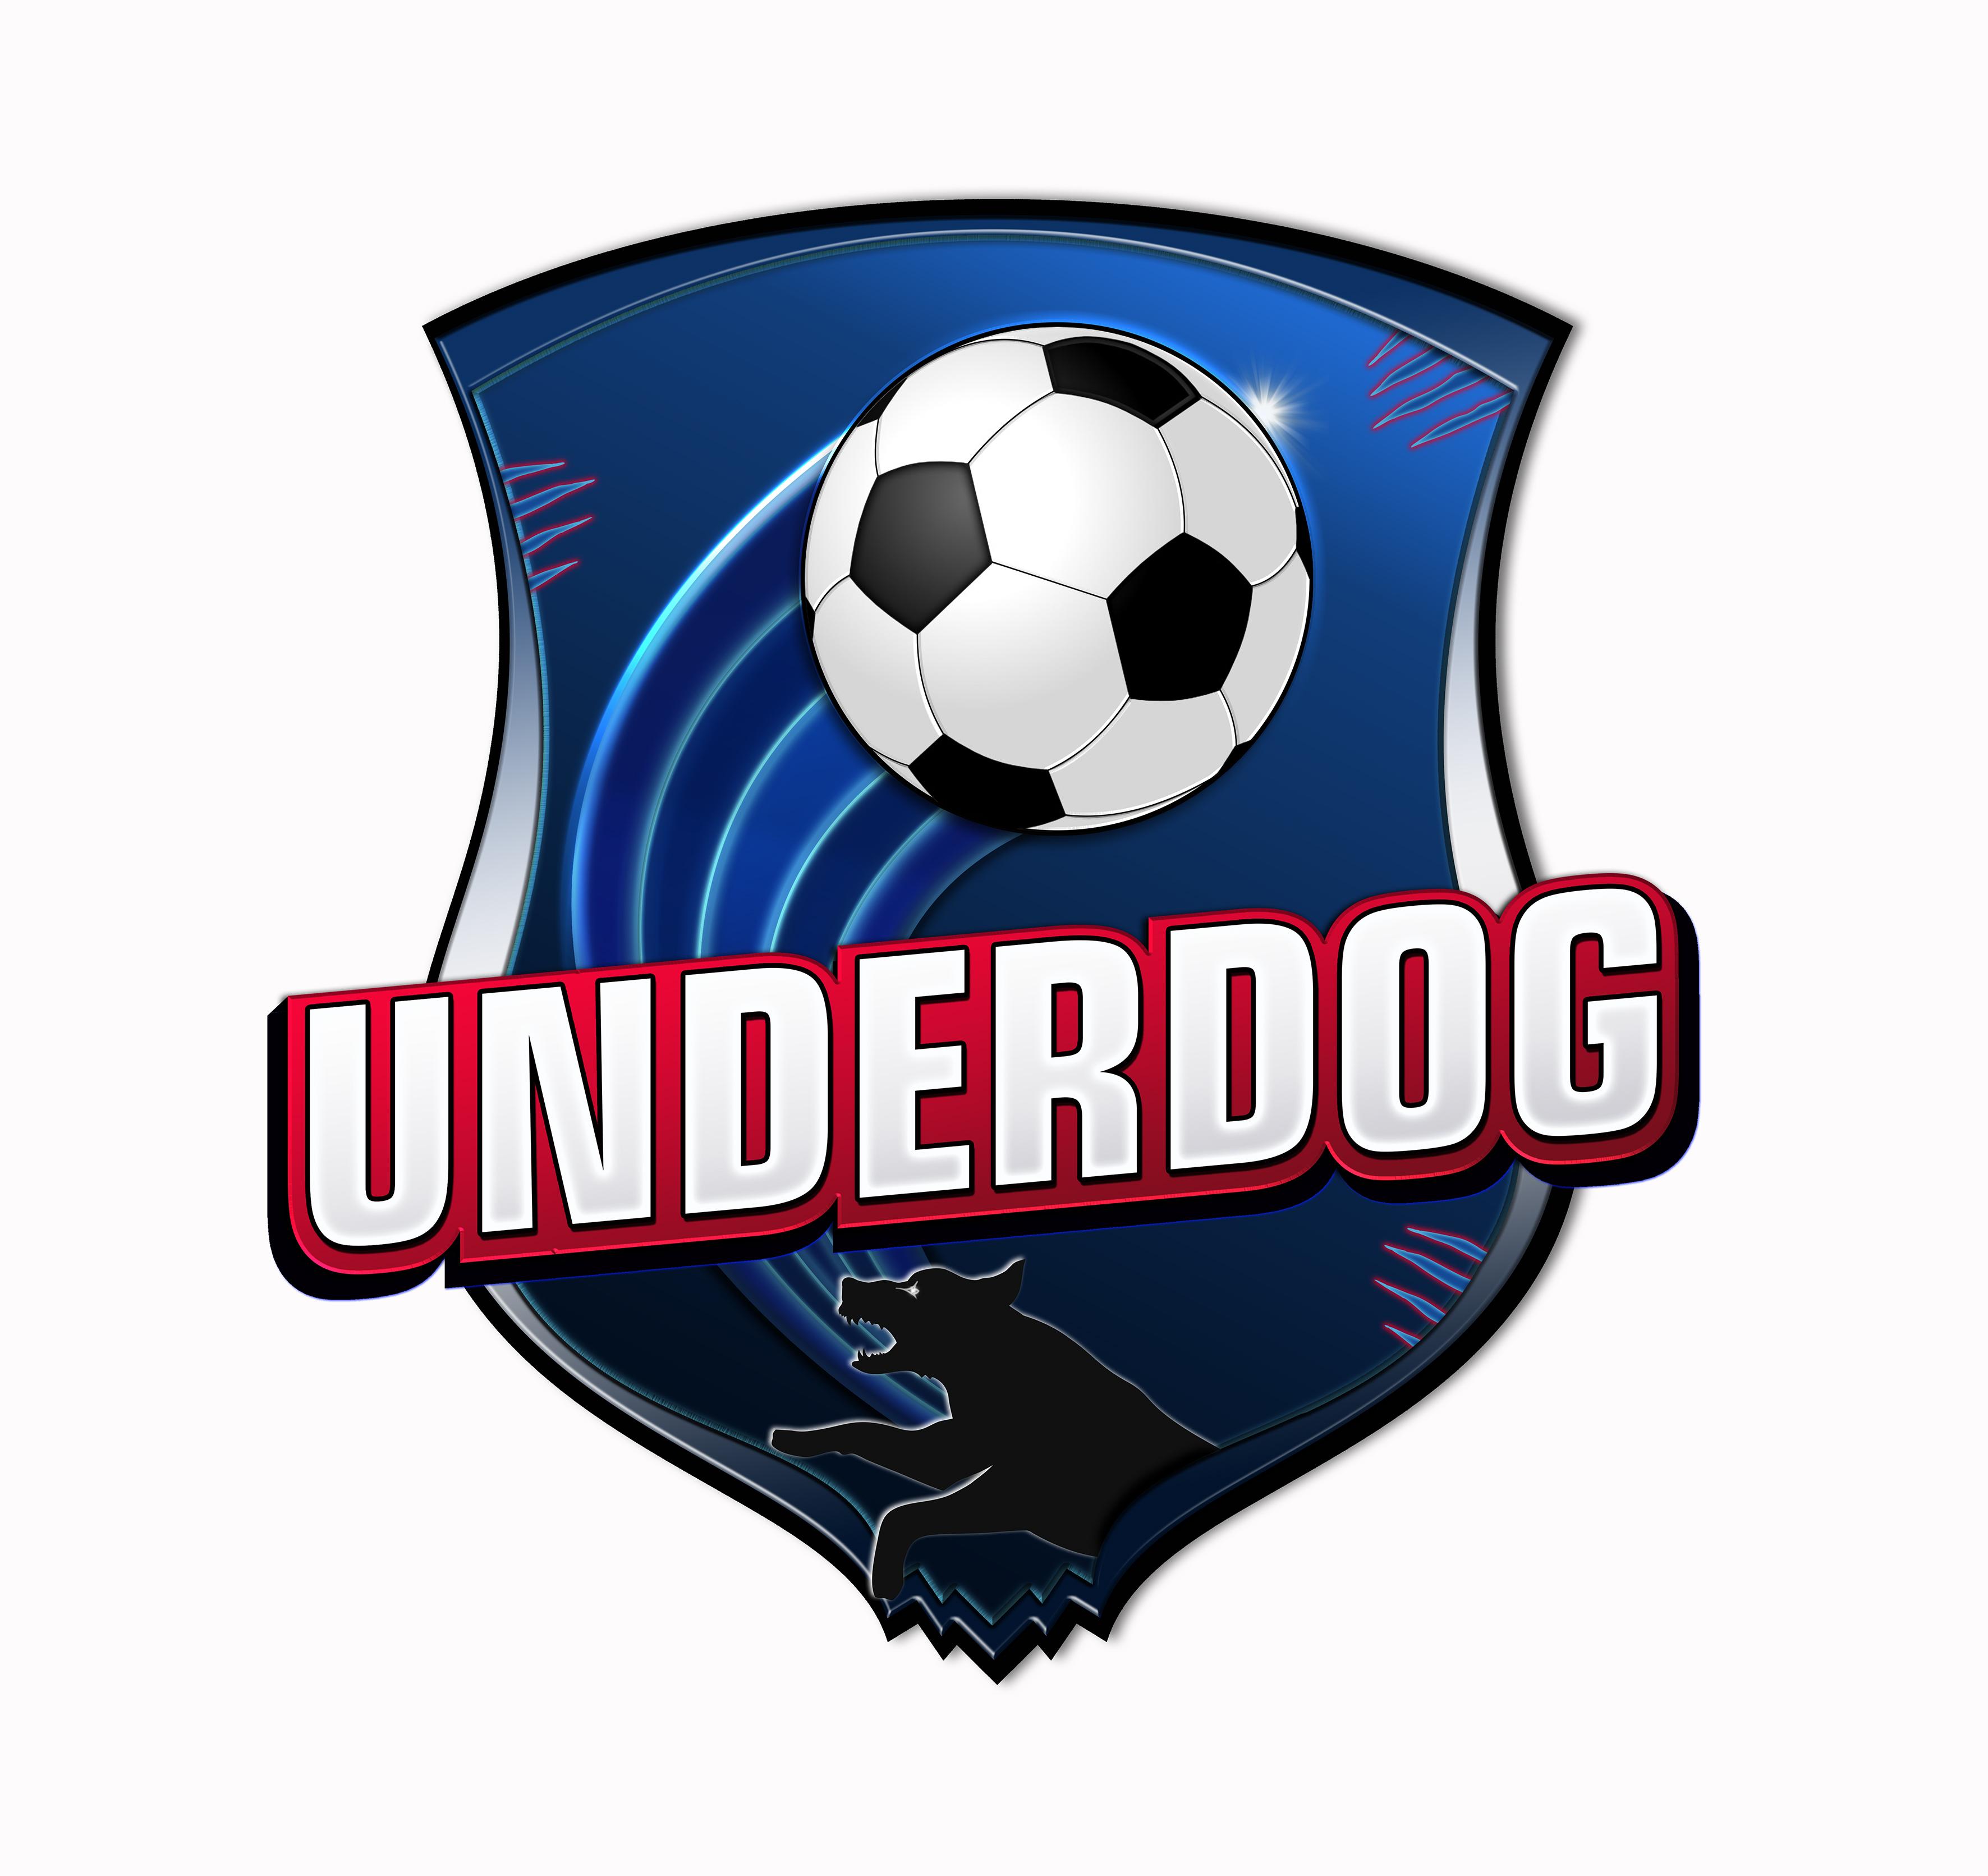 Футбольный клуб UNDERDOG - разработать фирстиль и бренд-бук фото f_4245cb4c4902c852.jpg